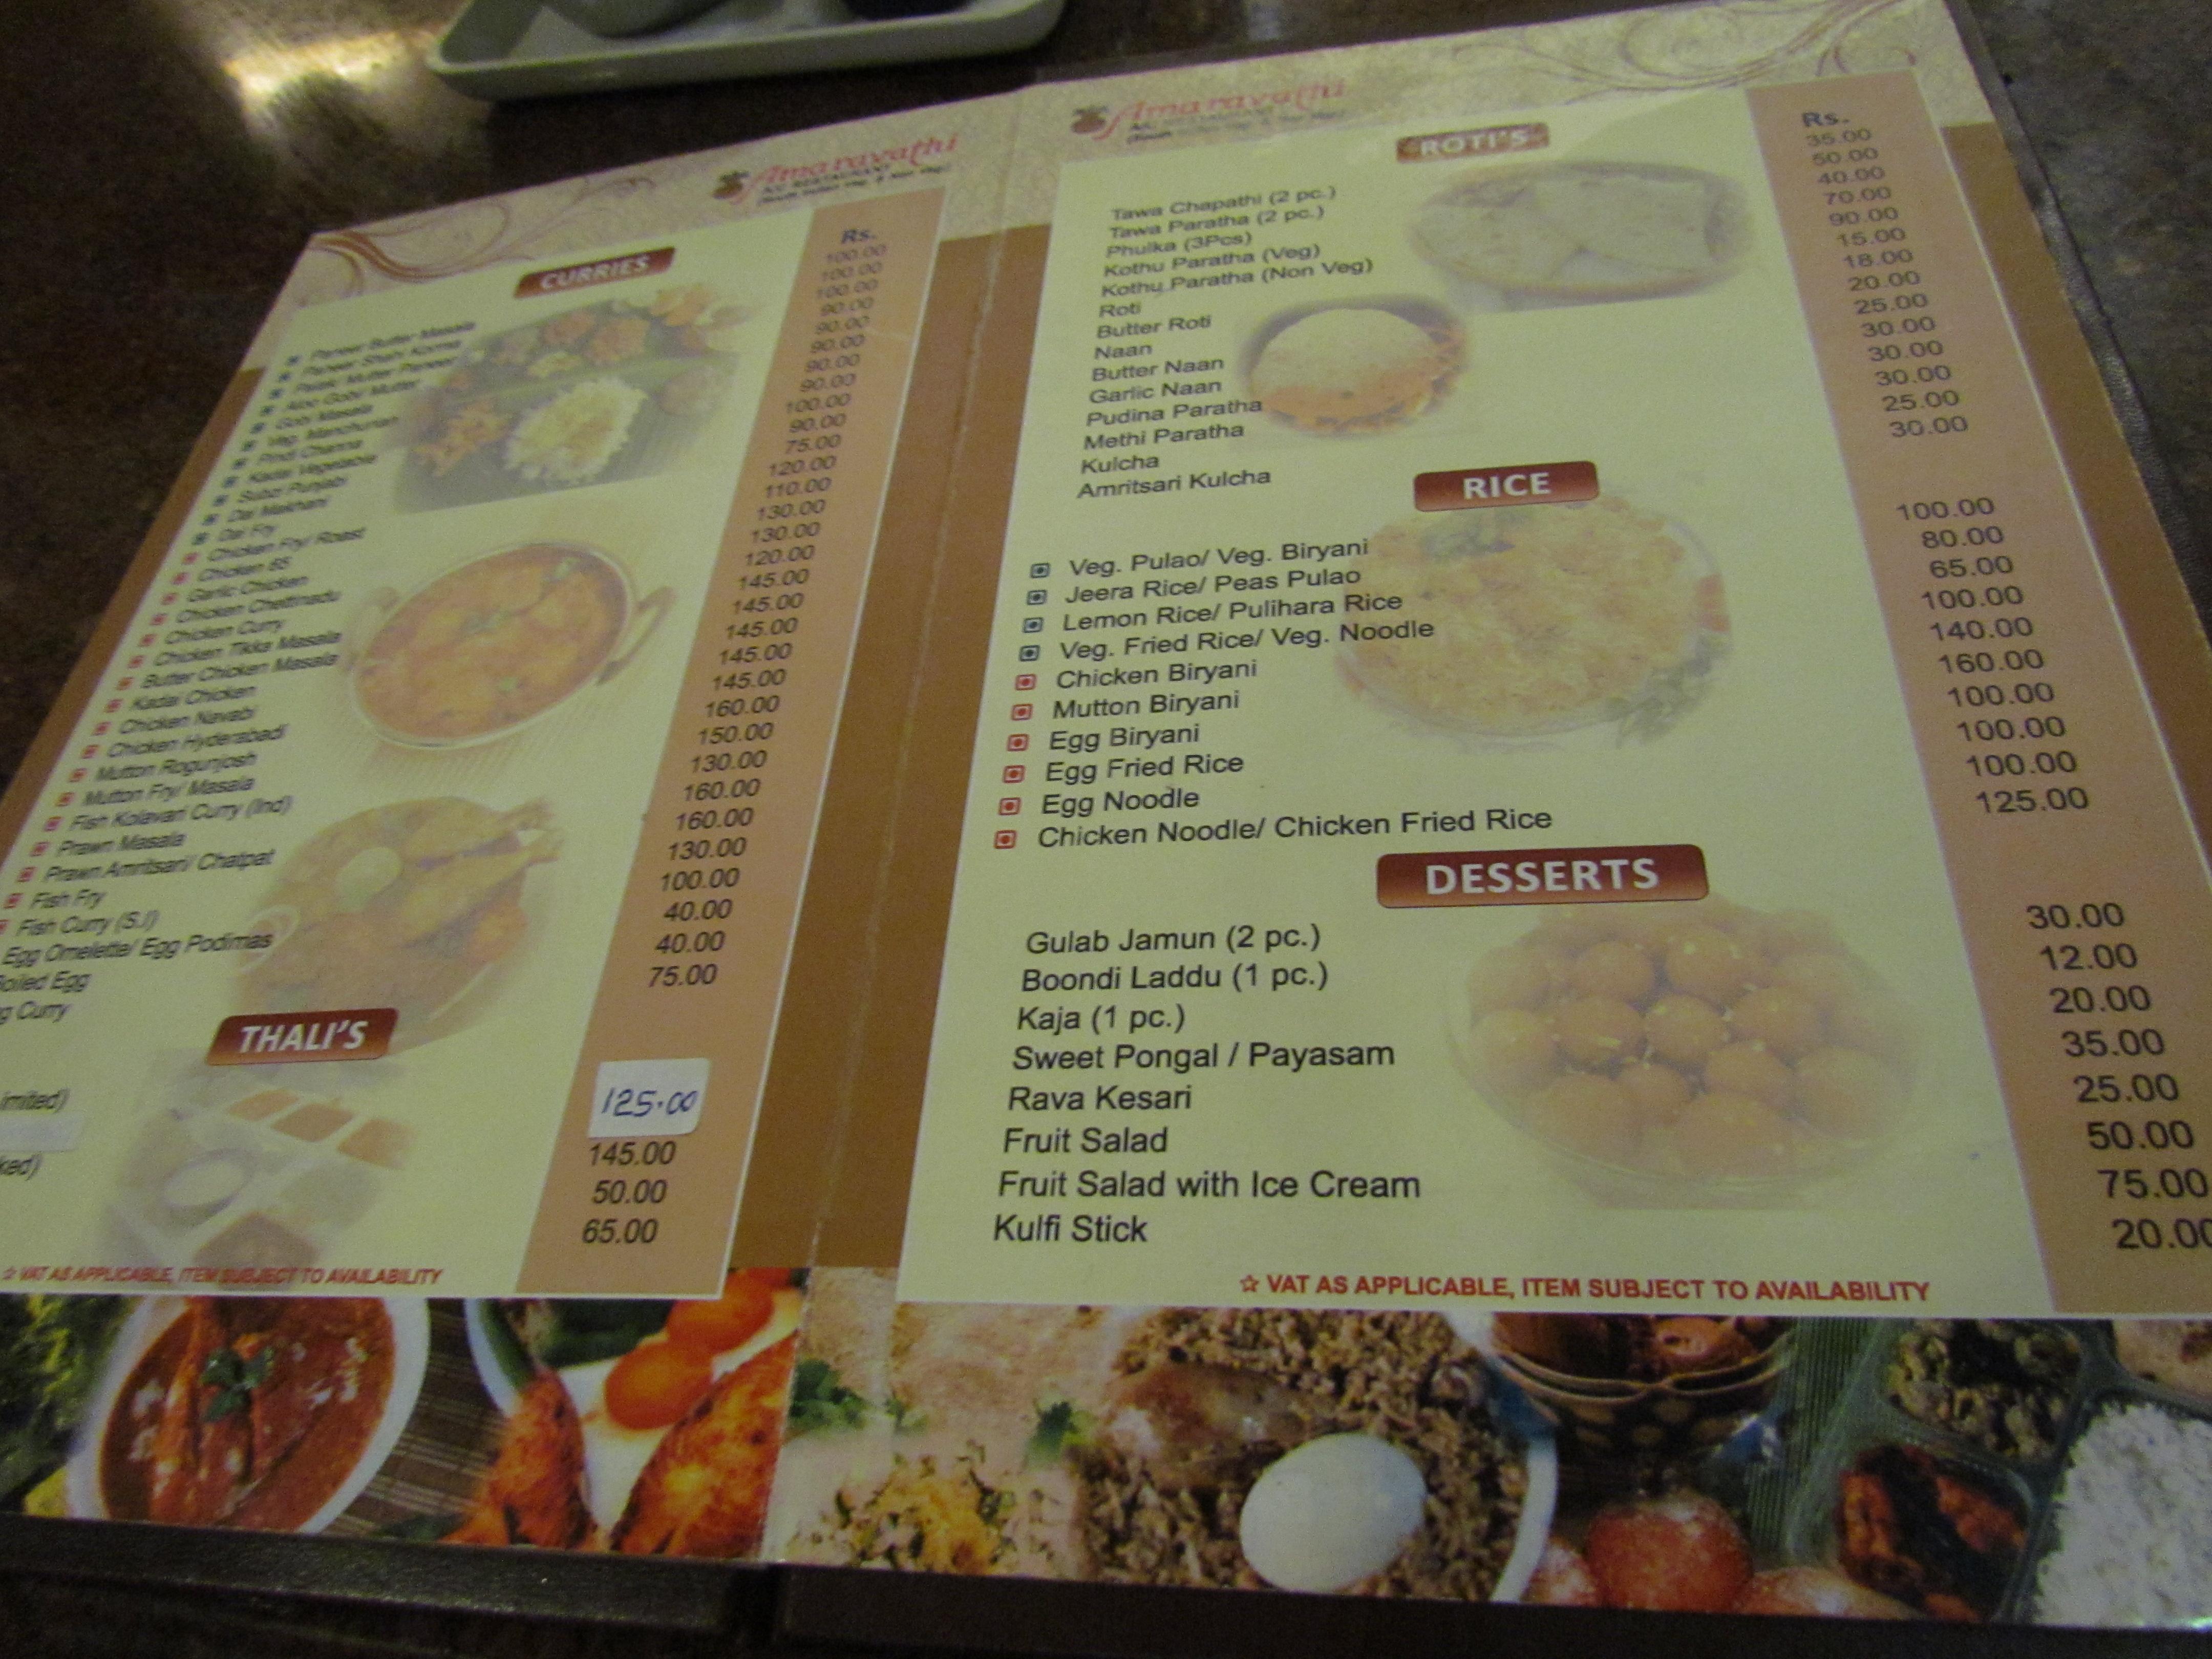 Taj Restaurant Mumbai Menu Card